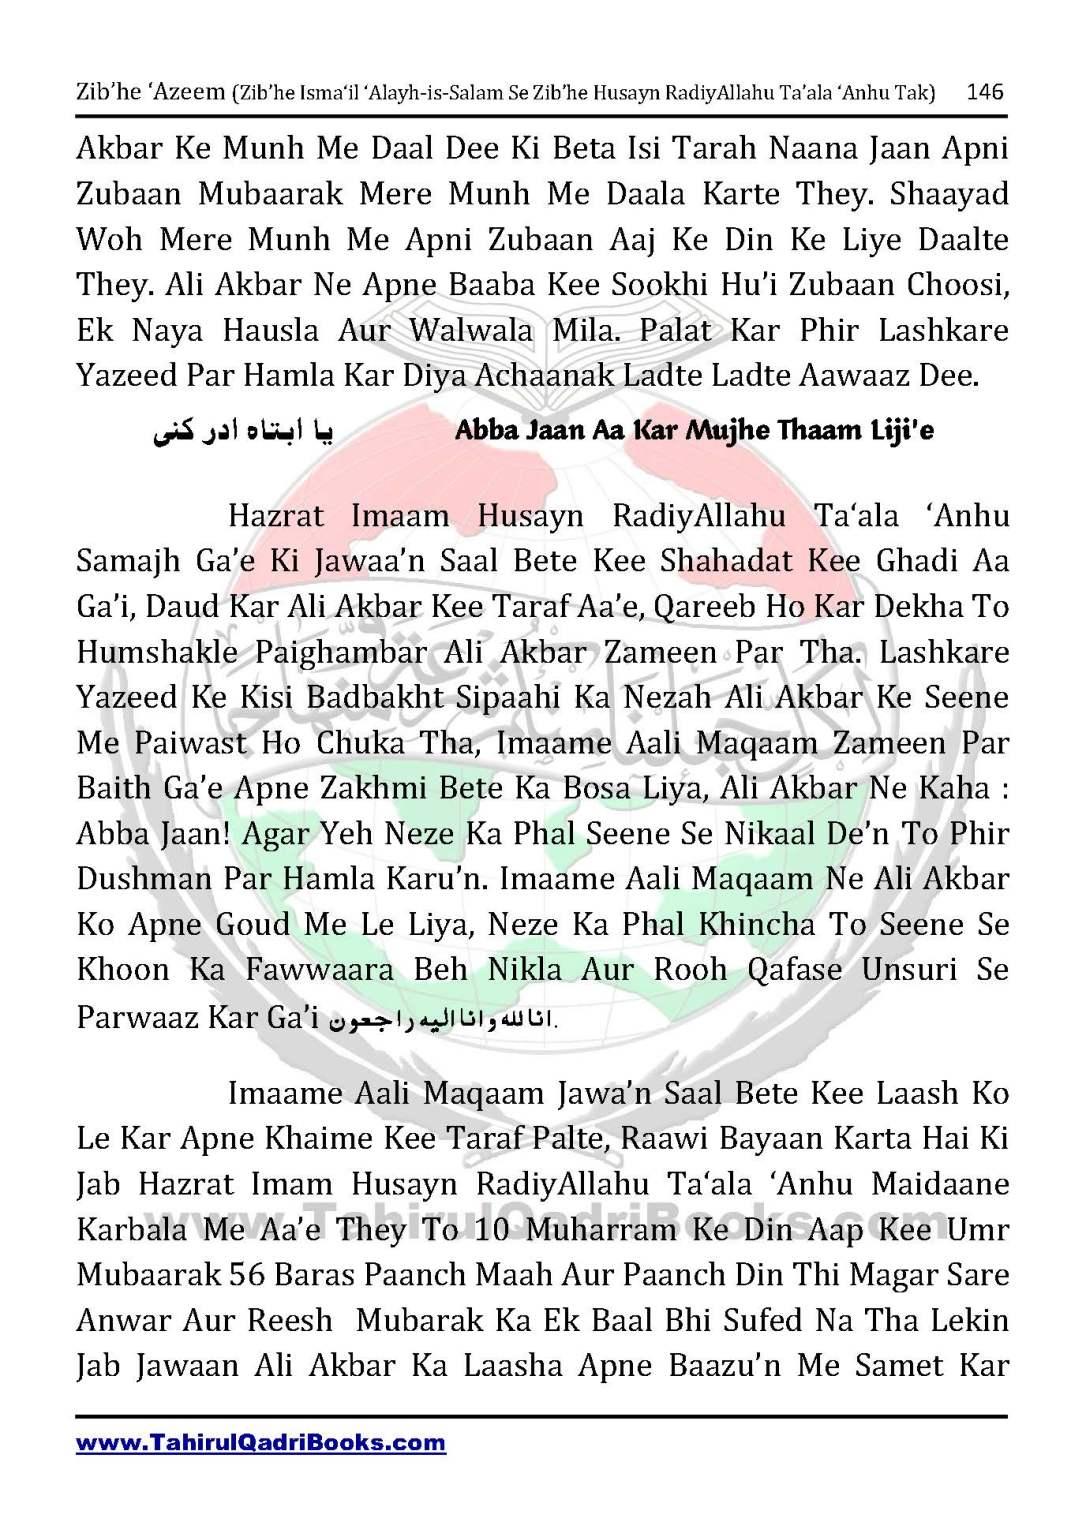 zib_he-e28098azeem-zib_he-ismacabbil-se-zib_he-husayn-tak-in-roman-urdu-unlocked_Page_146